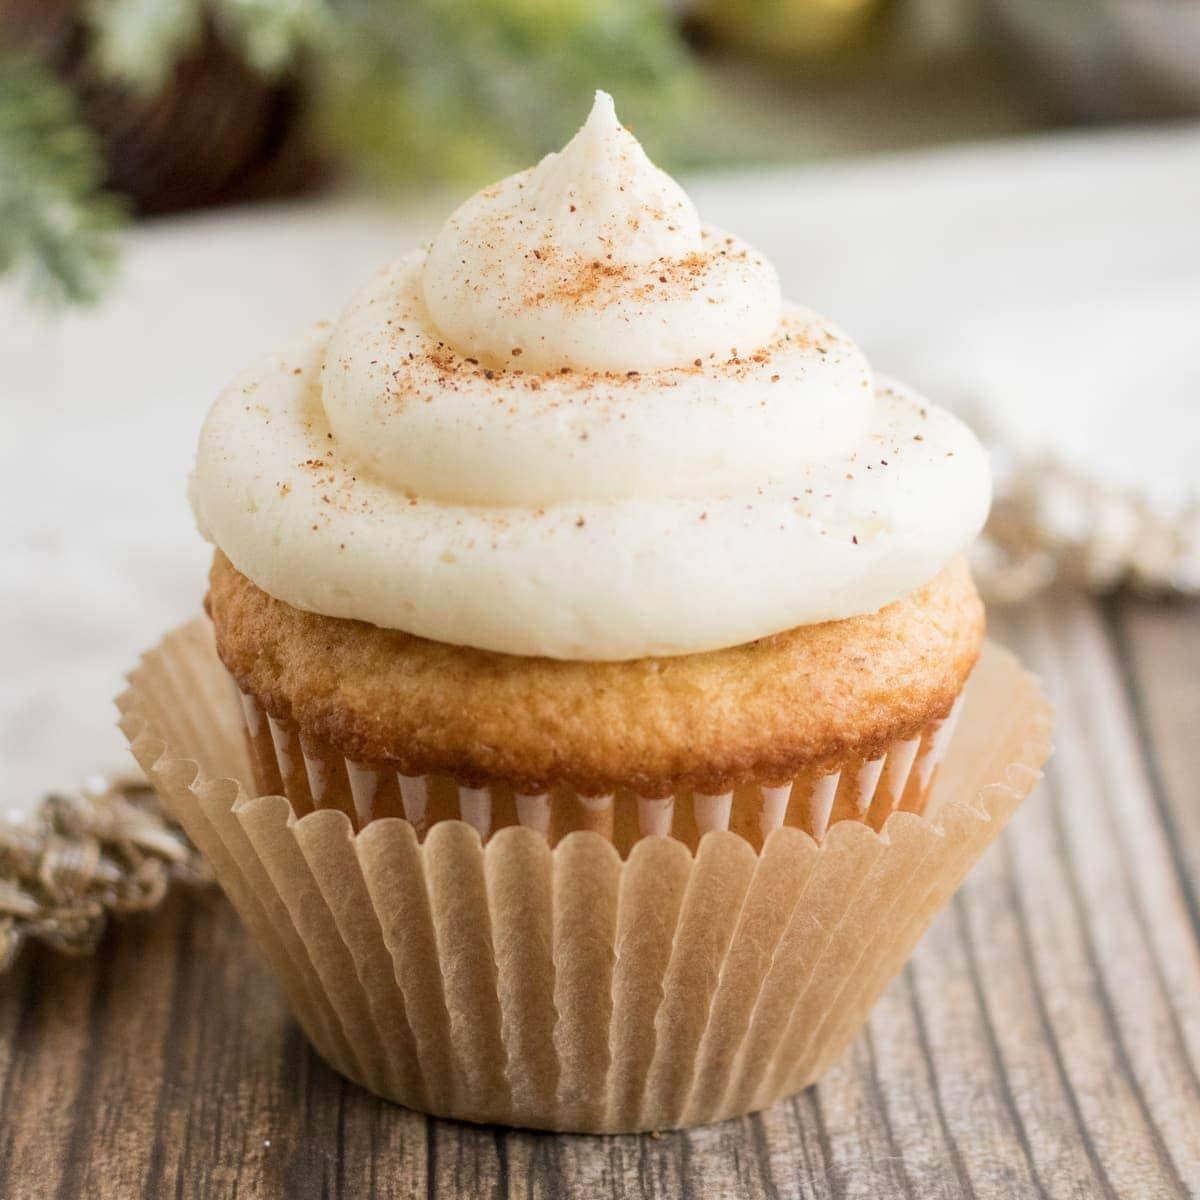 Eggnog cupcake on table